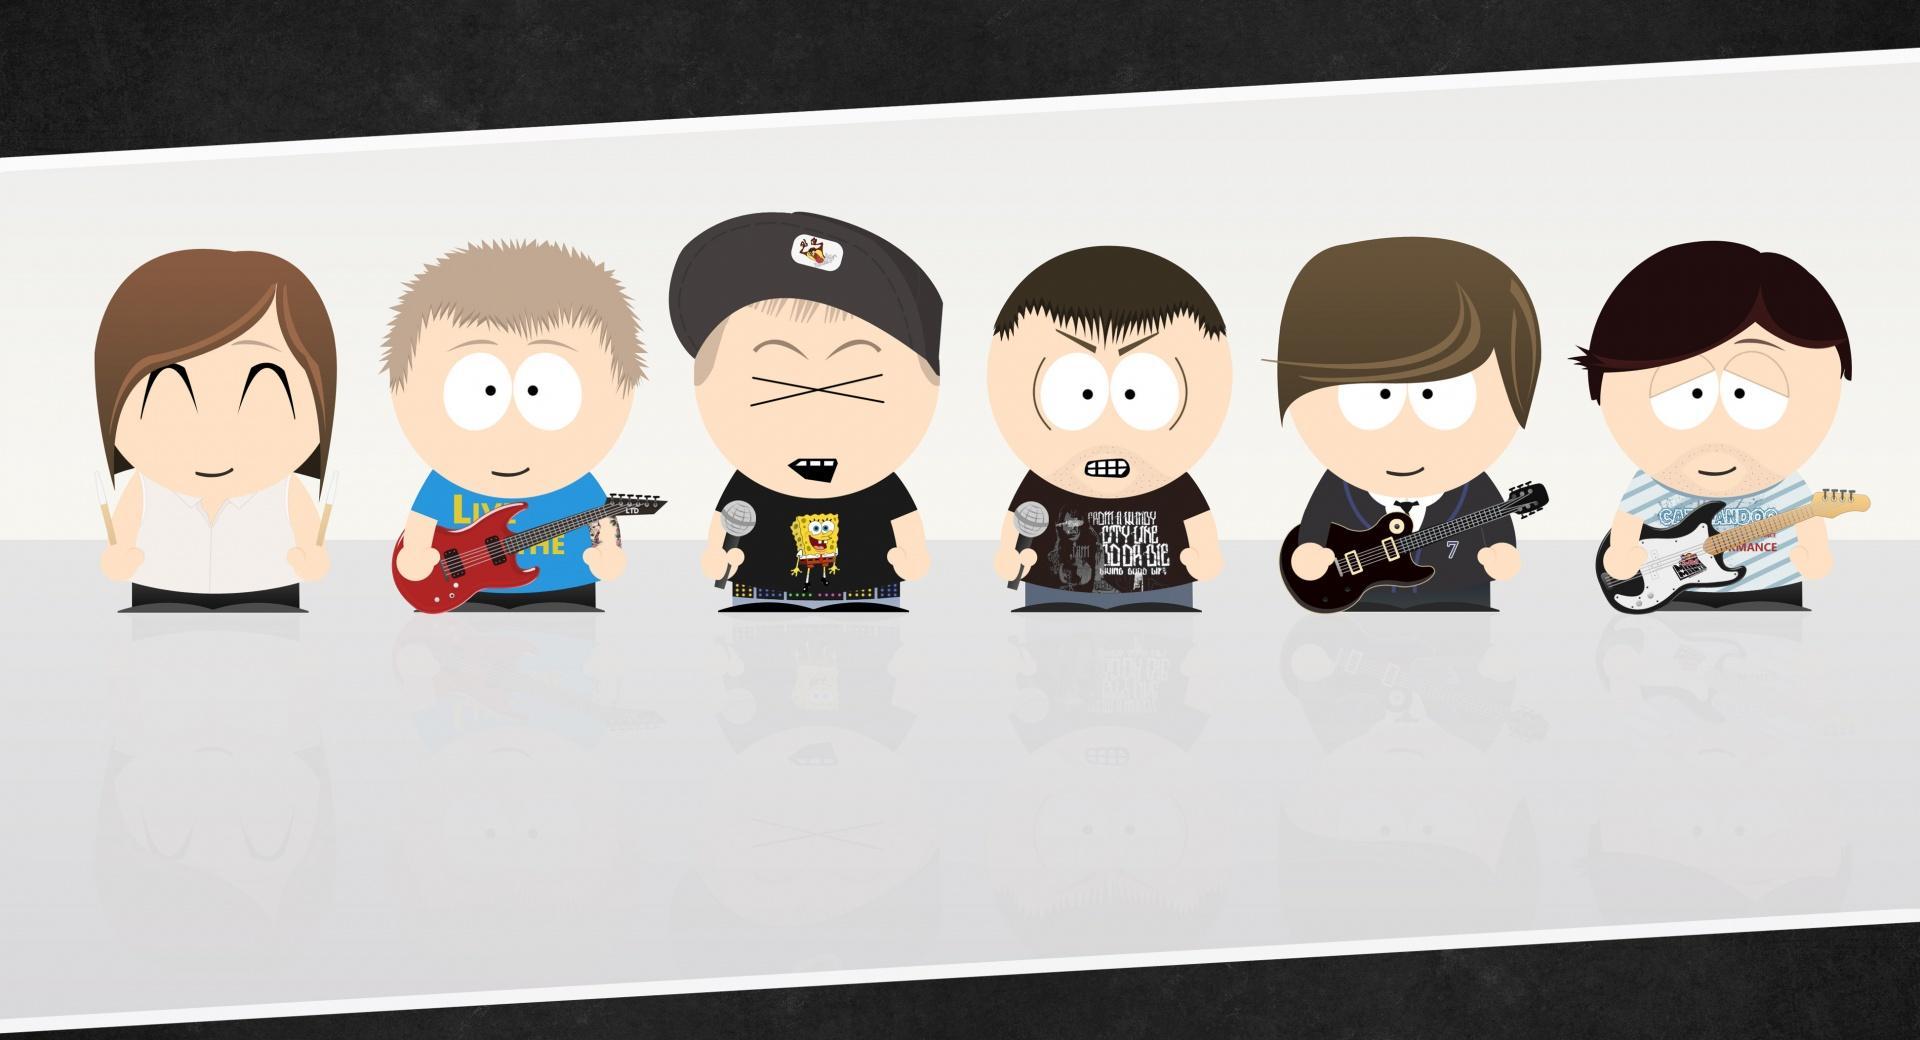 South Park Dead De Sound wallpapers HD quality